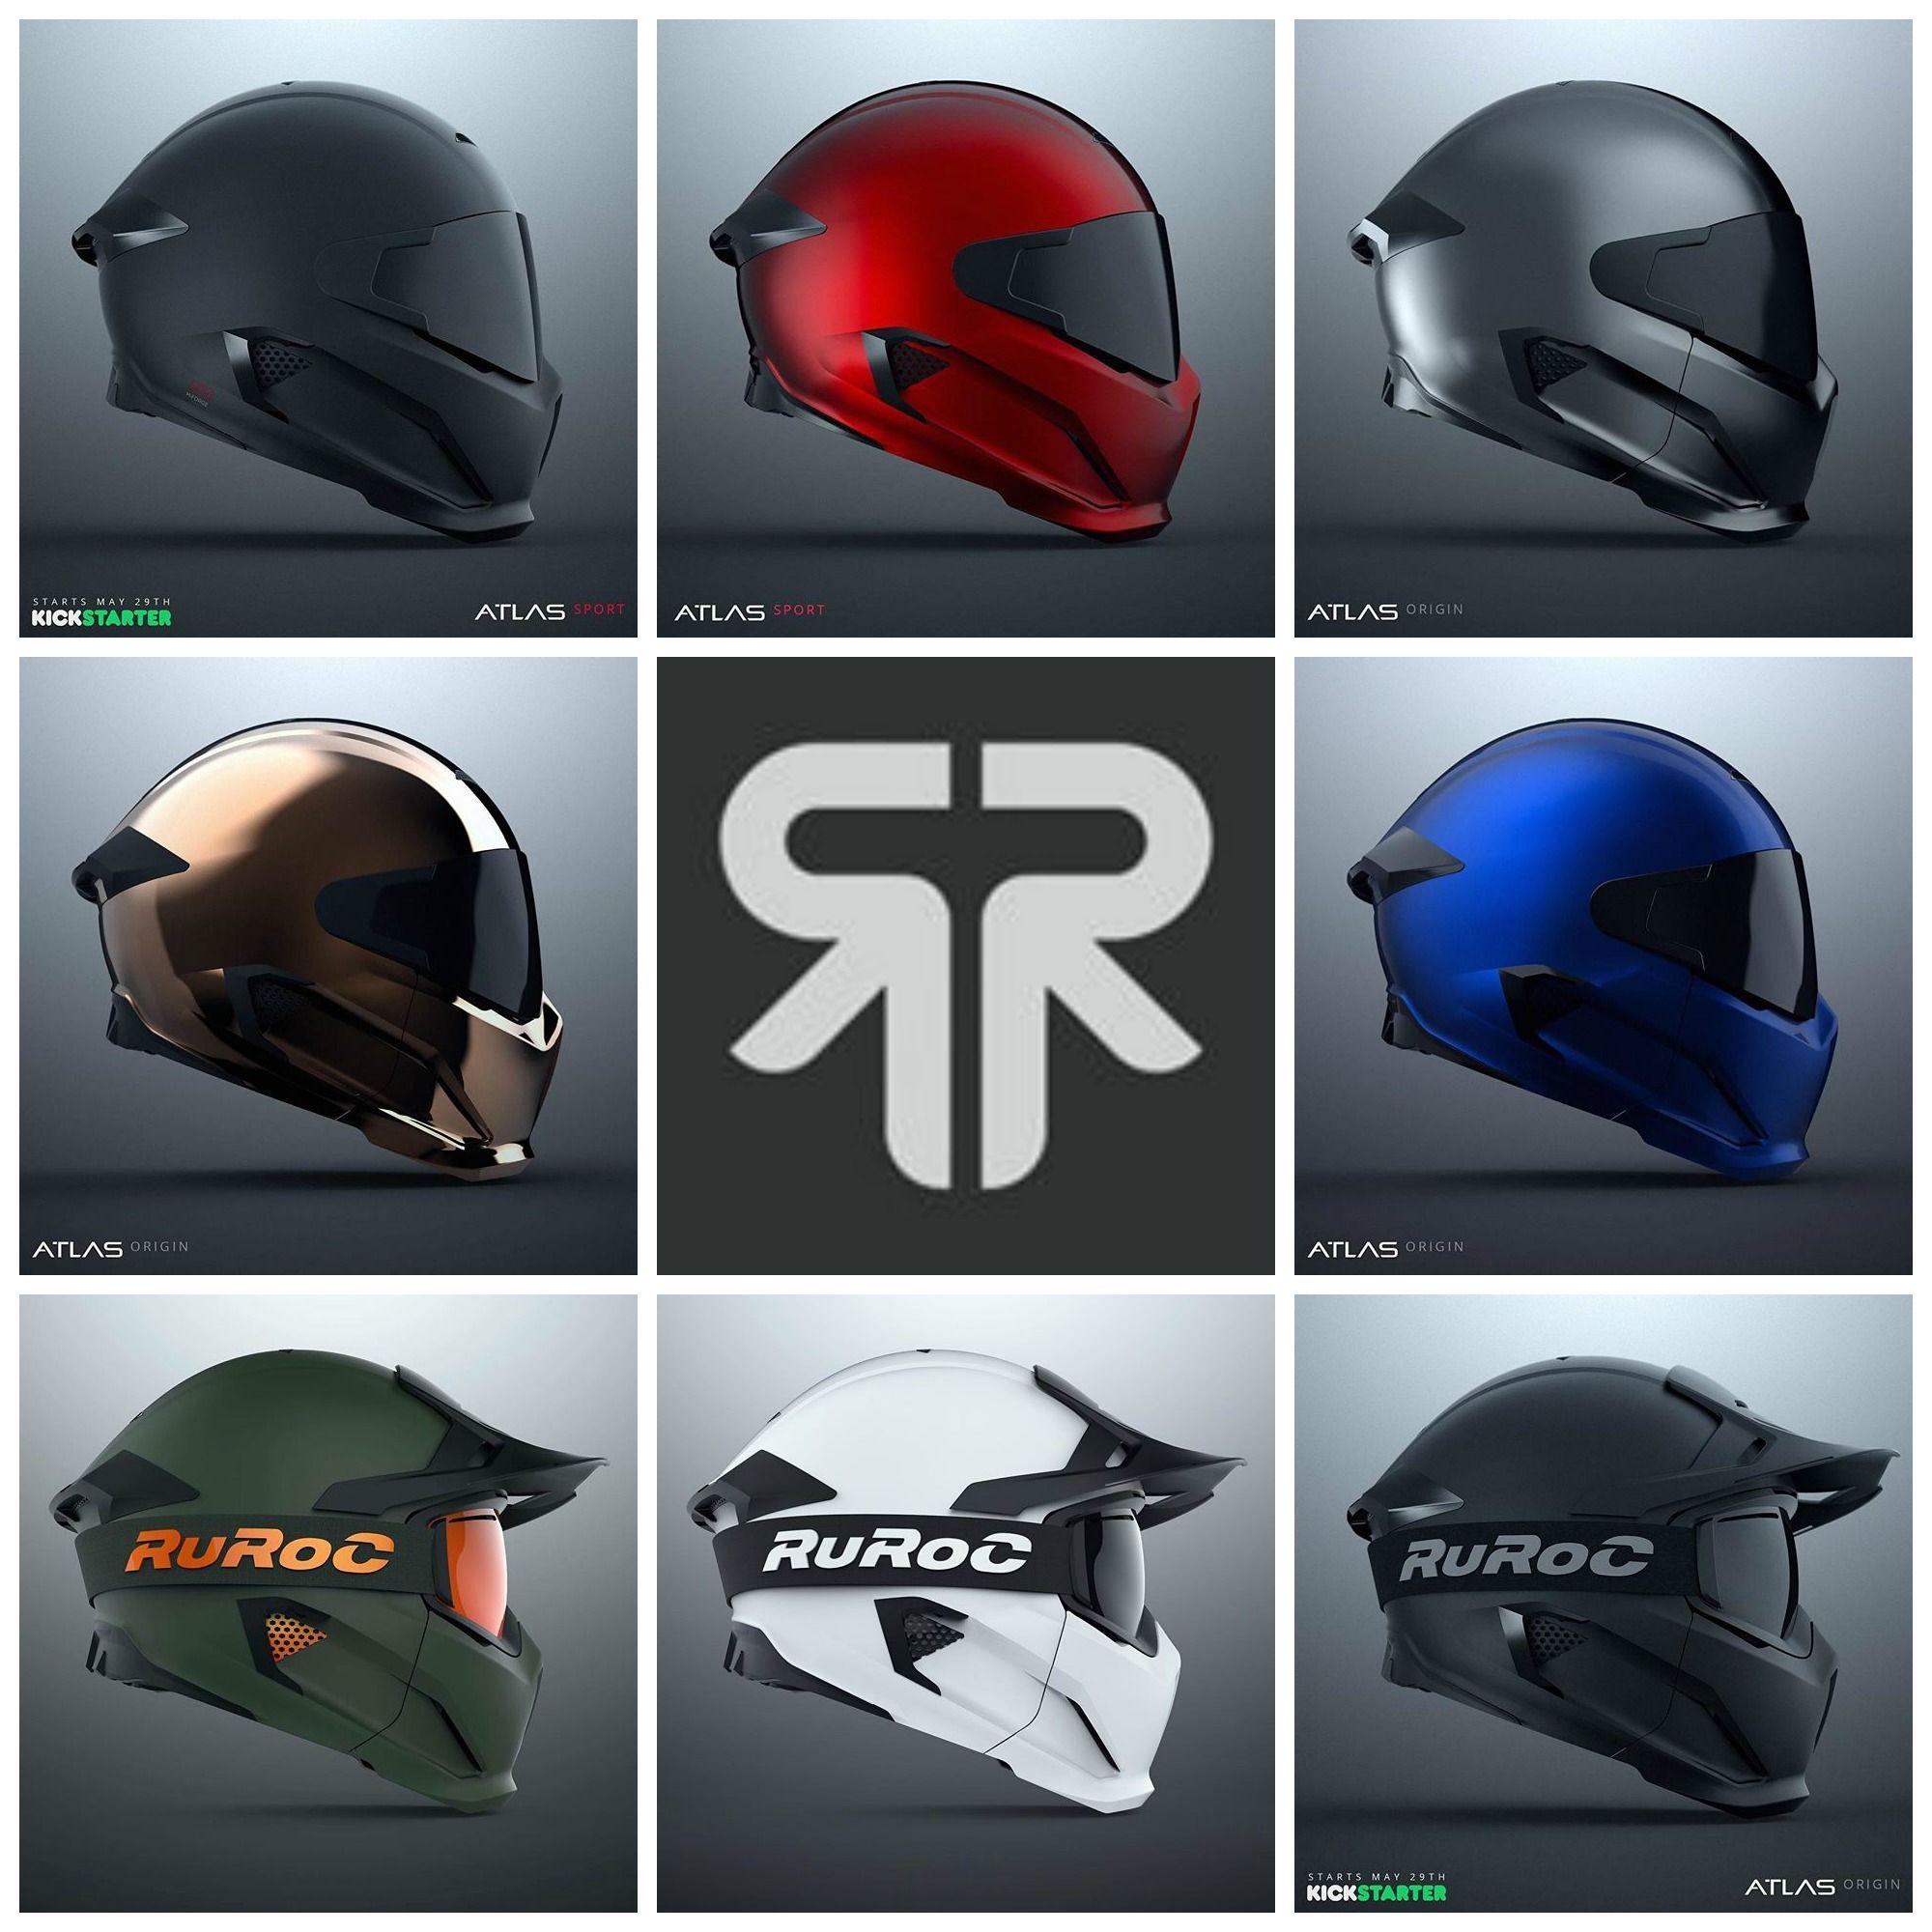 Ruroc Motorcycle Helmet Motorcycle Helmets With Style Motorcycle